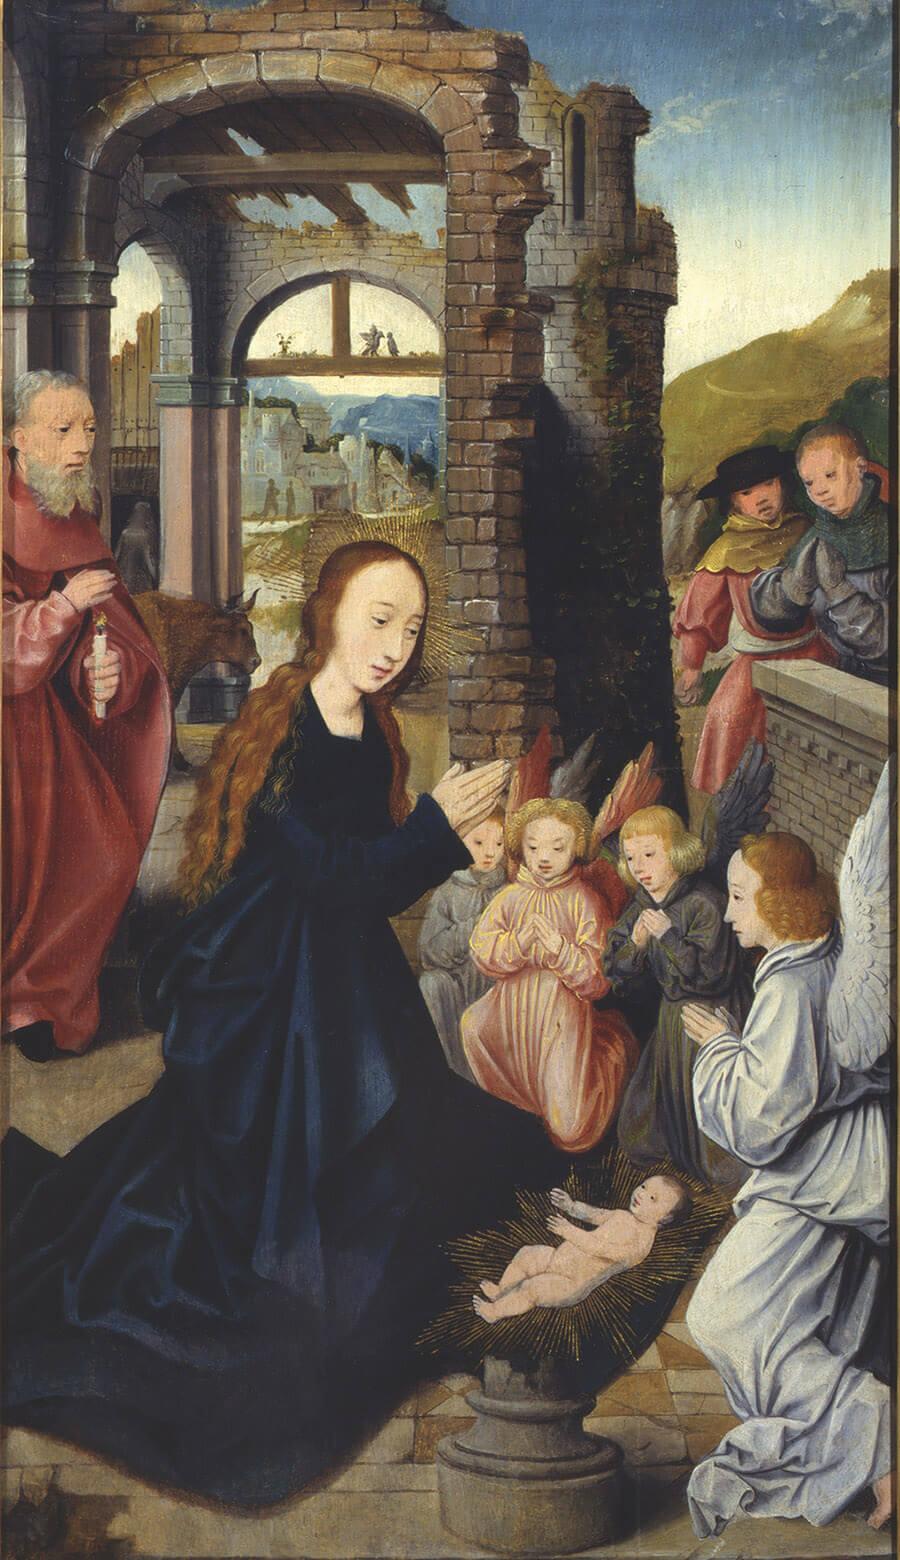 Bartholomäus Bruyn, Narození Krista z oltáře se sv. Olafem Norským, 1512 – 1515, Biskupství litoměřické_MUO